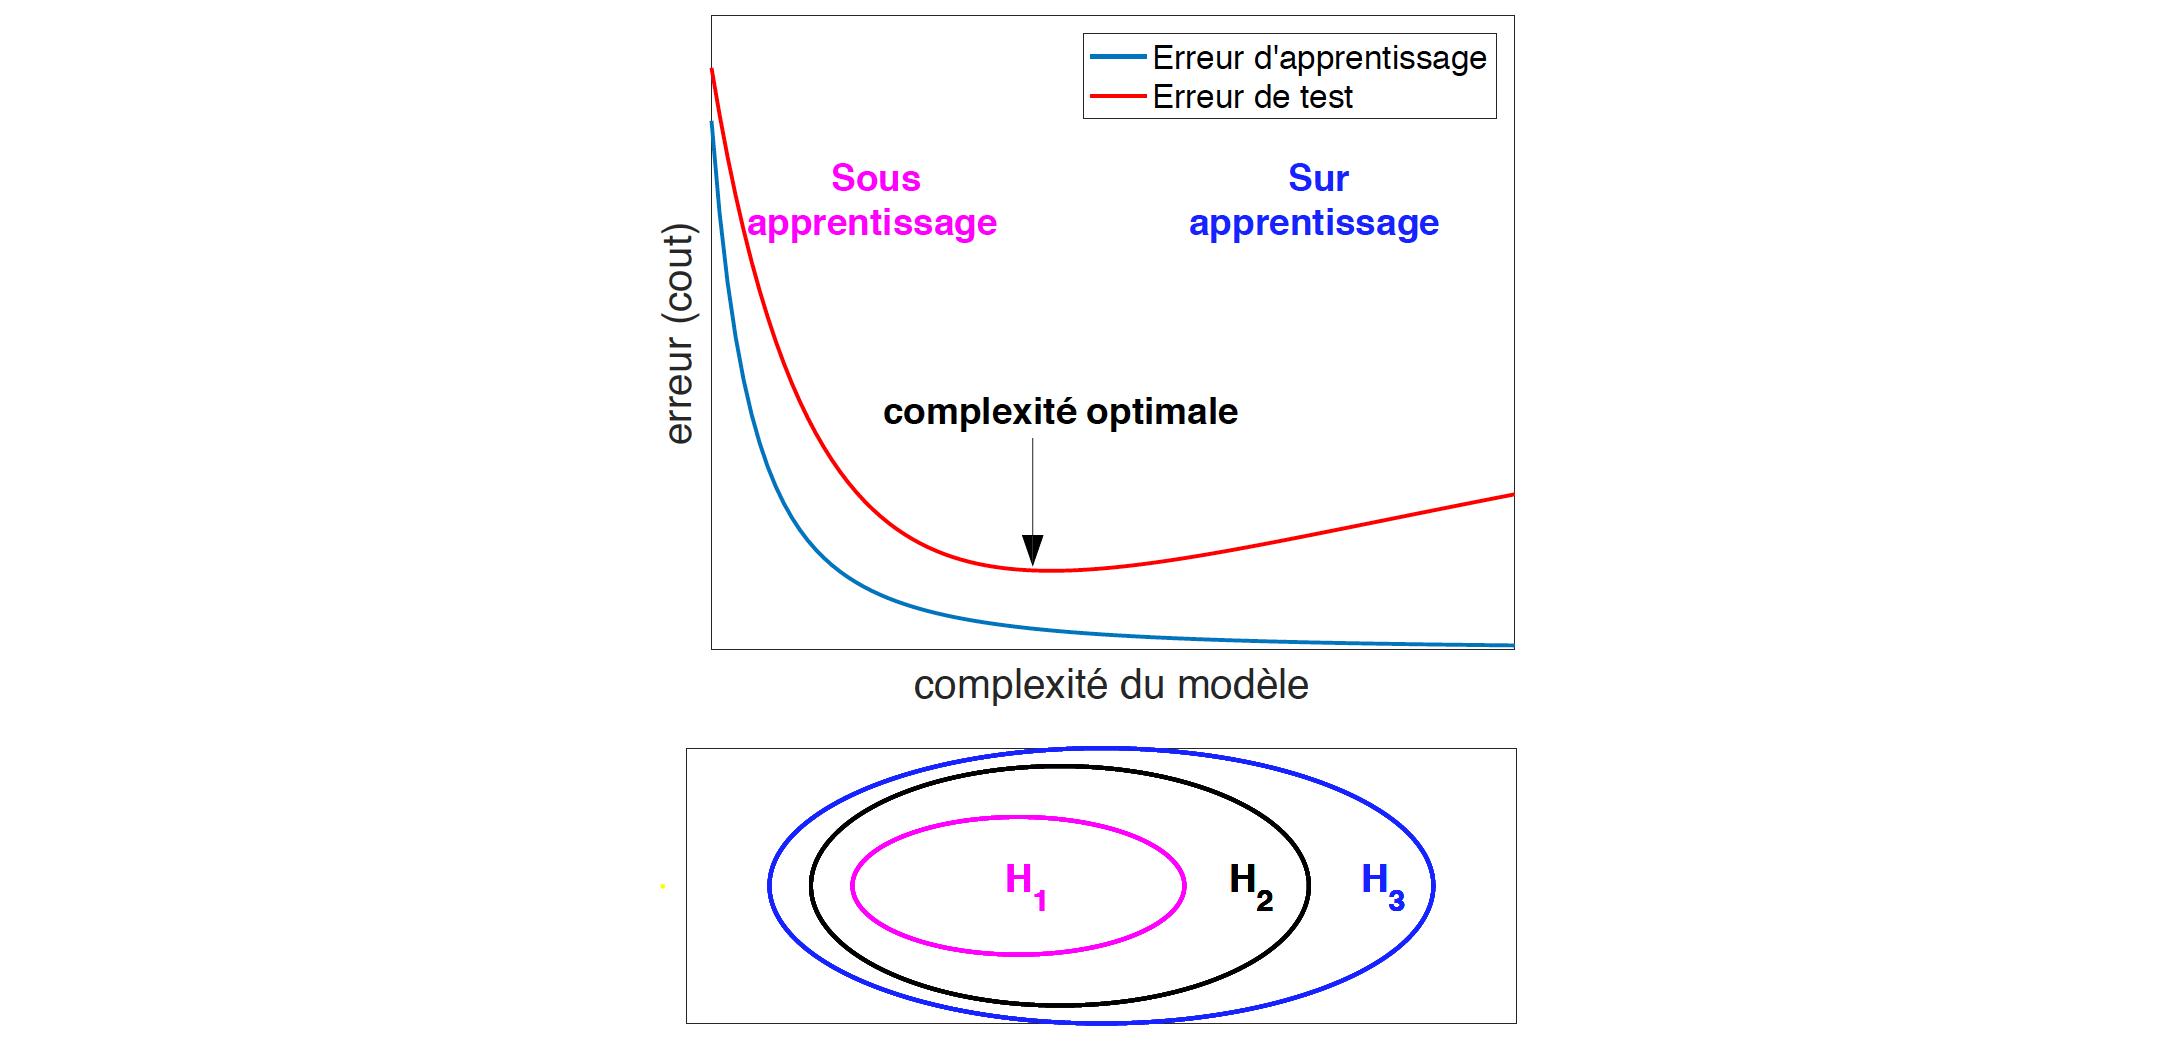 Évolution de la qualité d'un modèle en fonction de sa complexité (haut) et exemples d'ensembles de modèles emboités de complexité croissante (bas).